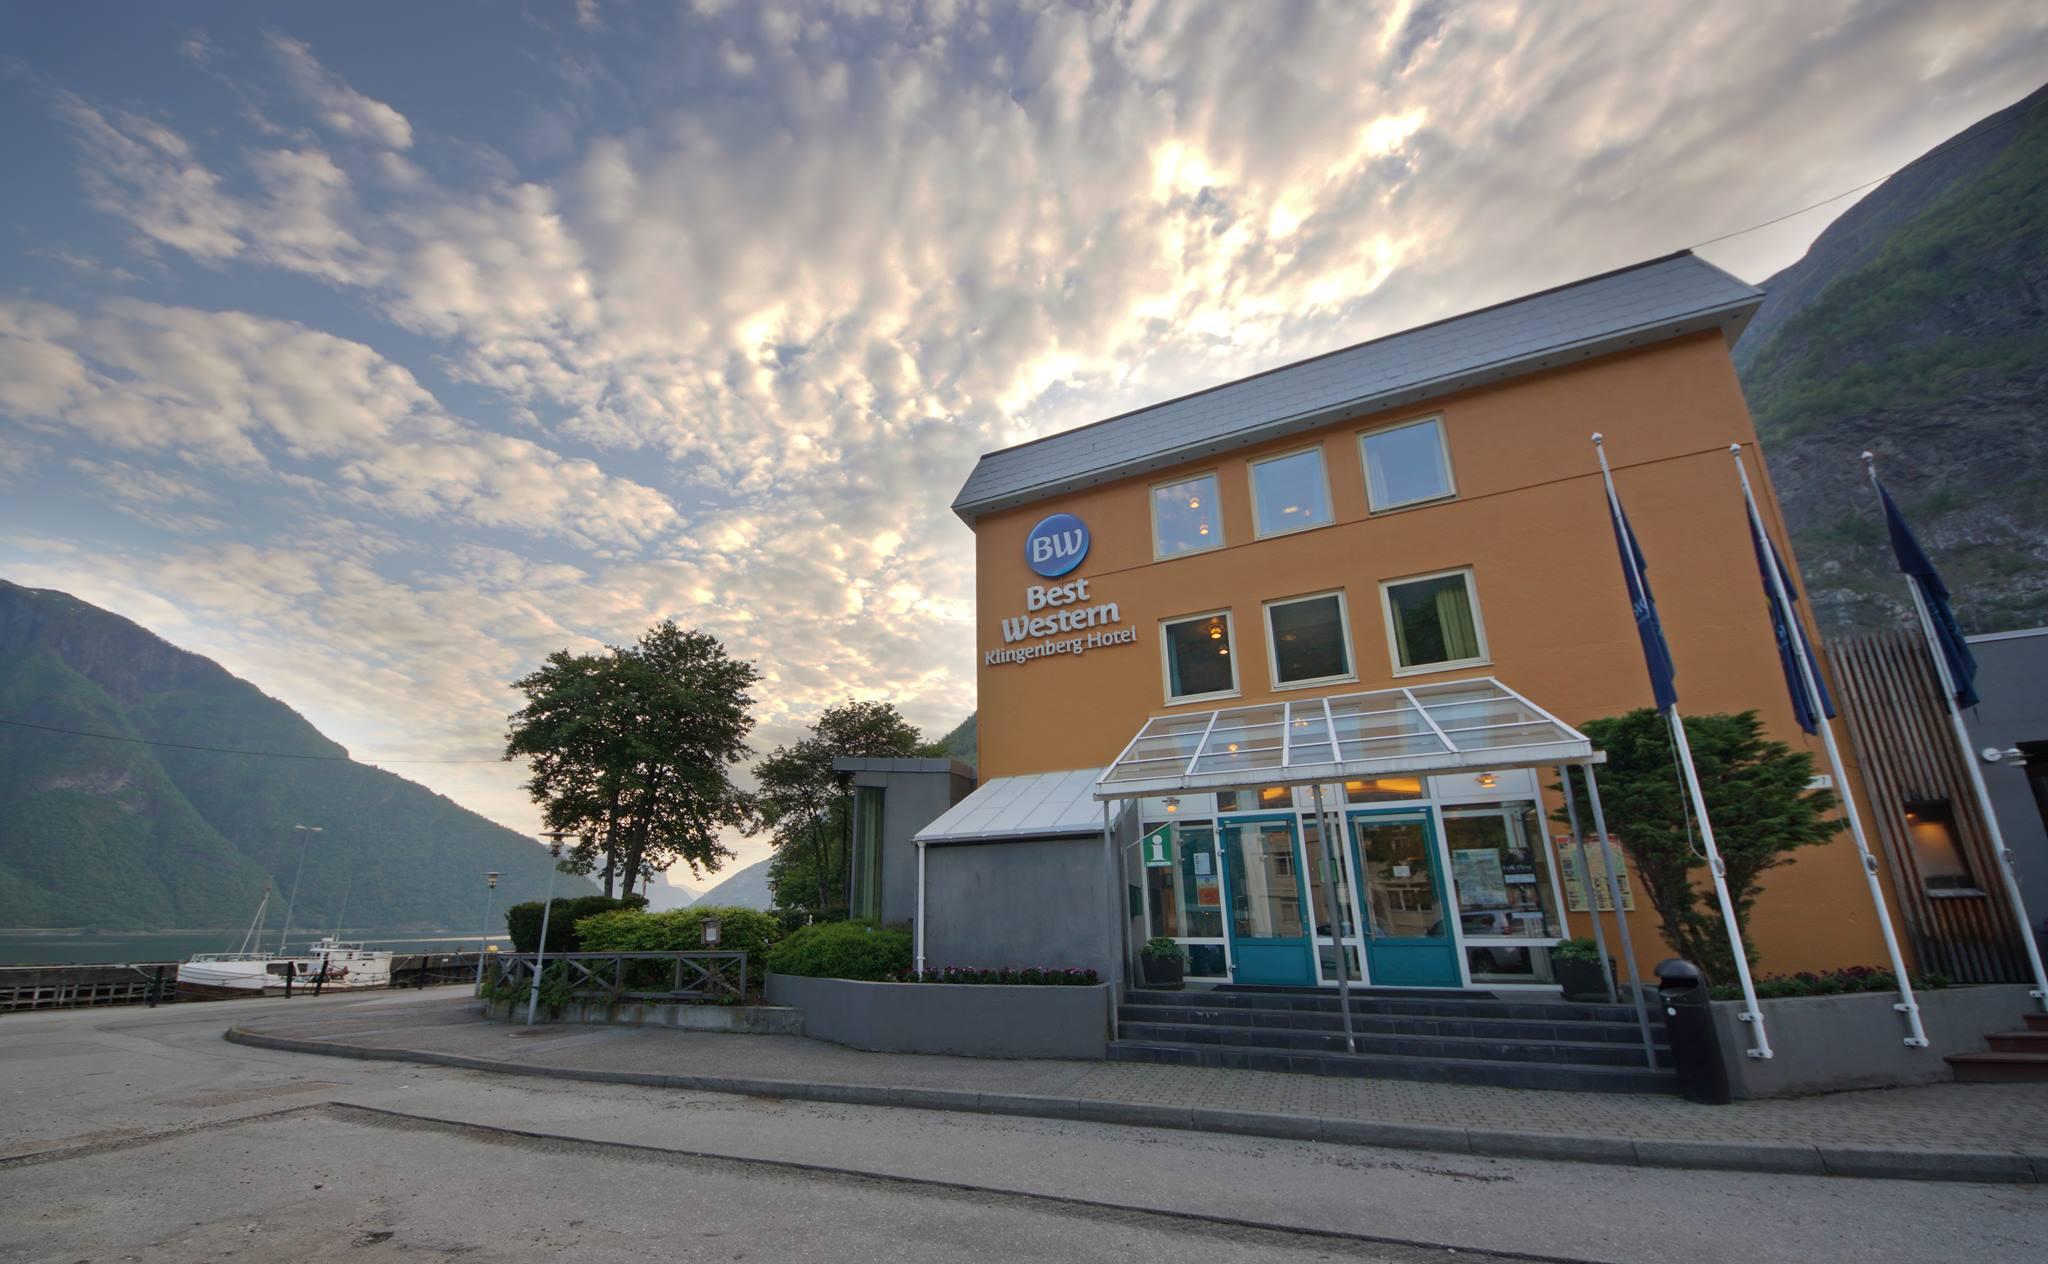 Klingenberg Hotel ligg flott plassert på kaien på Årdalstangen med Sognefjorden som kulisse. Foto: Jan Ove Skjerping